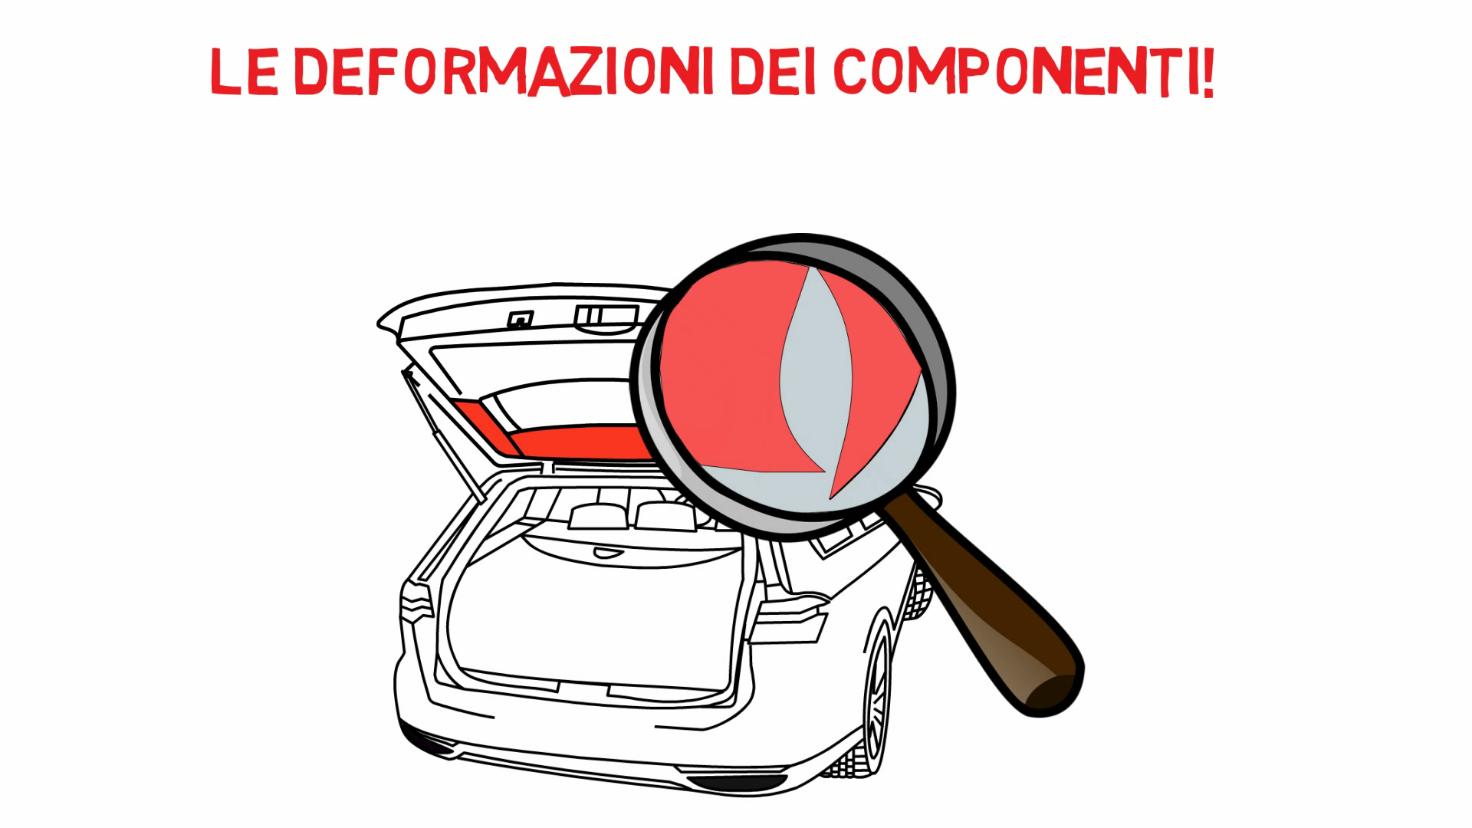 deformazioni-dei-componenti